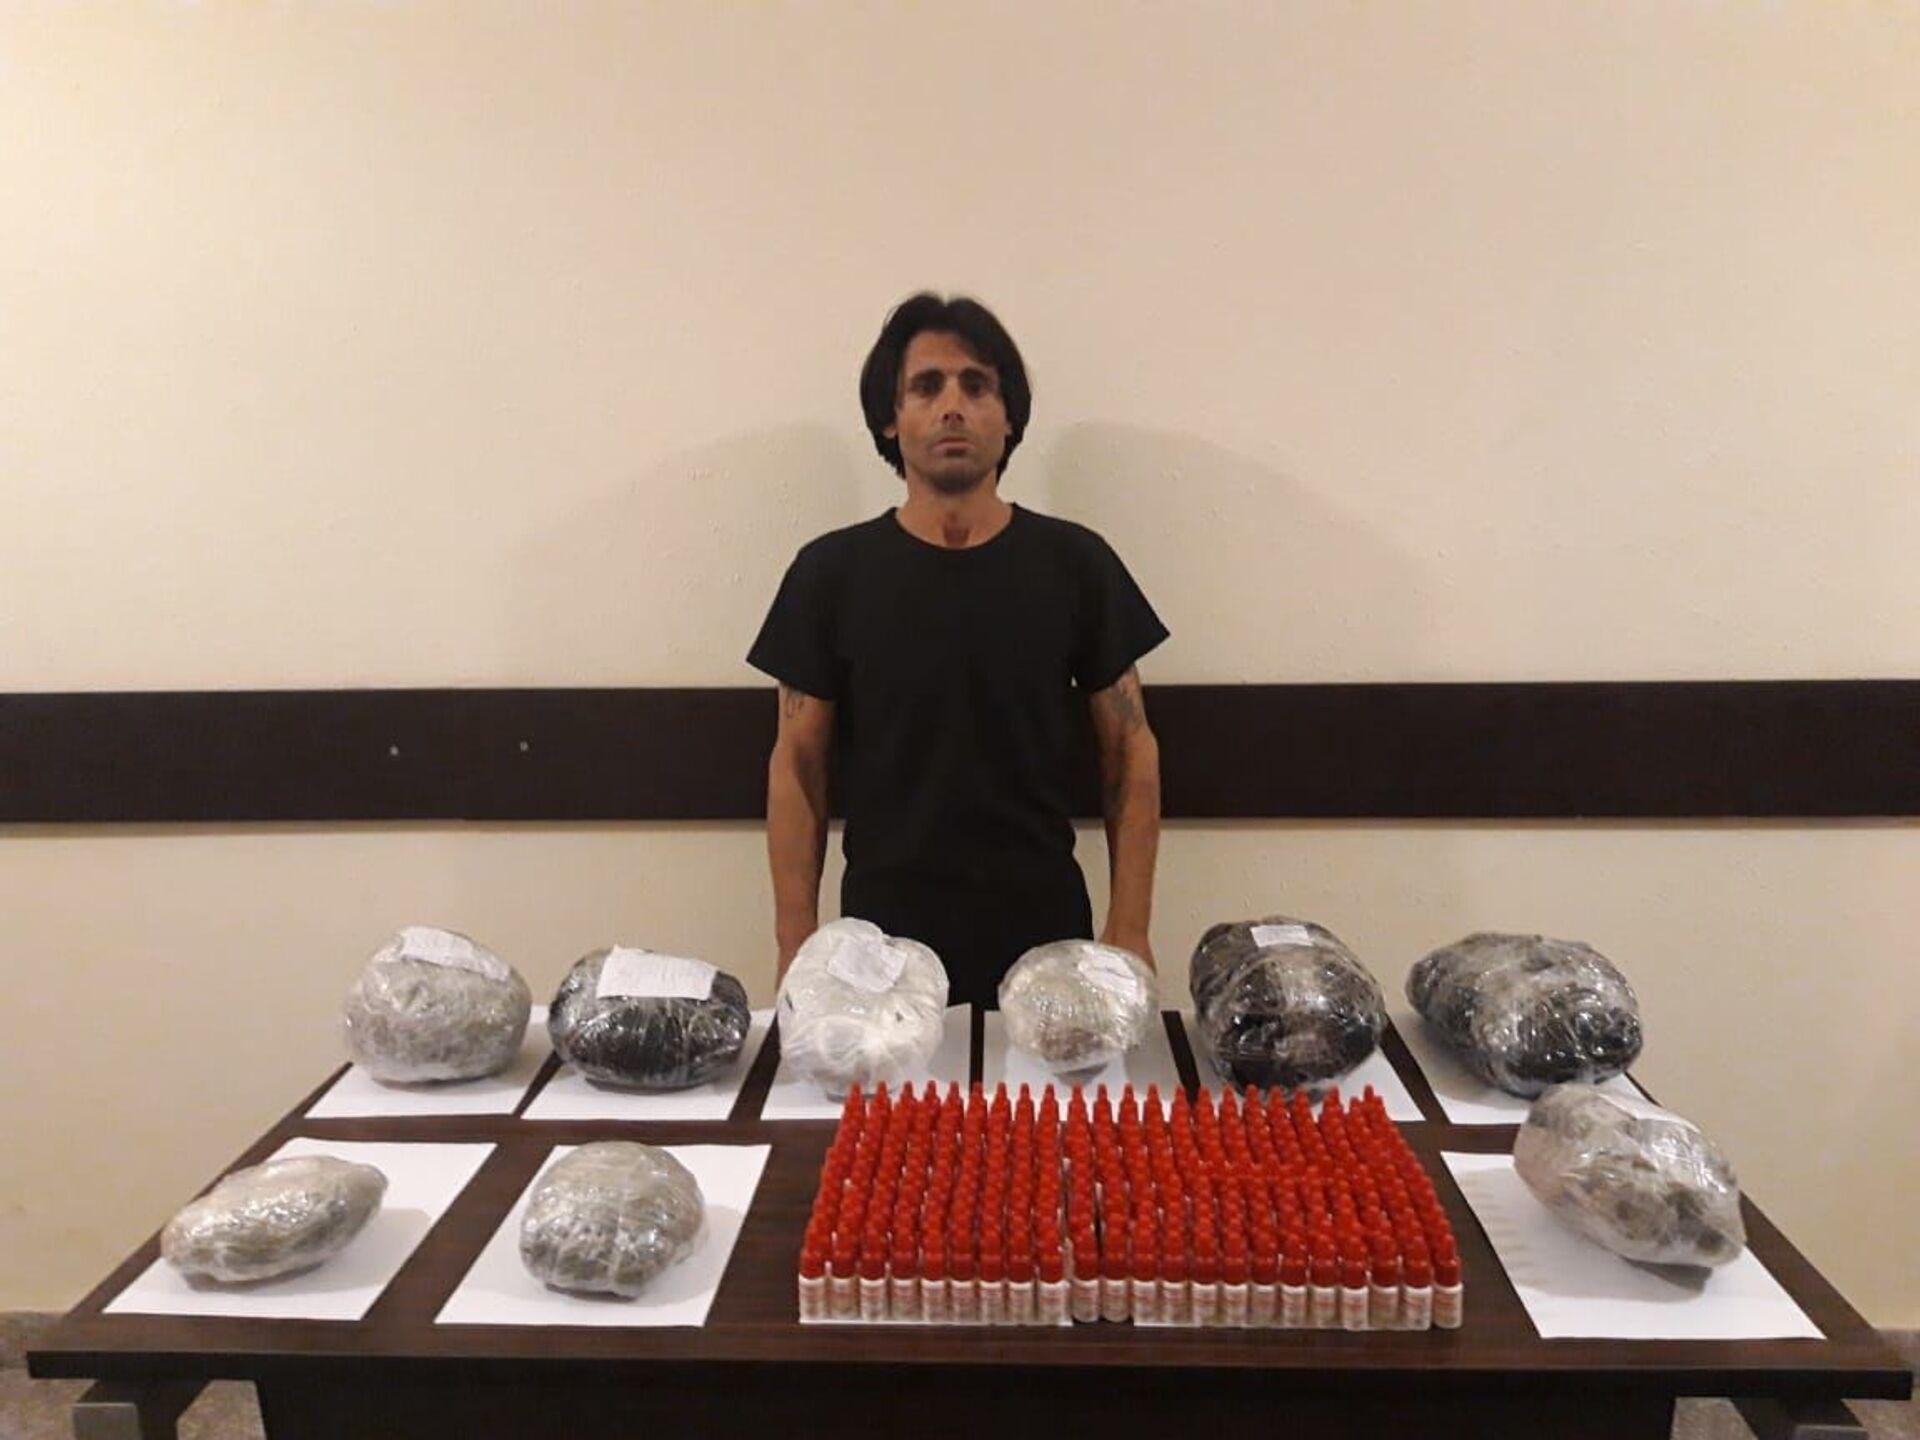 В последние дни мая пограничники взяли близ границы немалый груз наркотиков - Sputnik Азербайджан, 1920, 01.06.2021